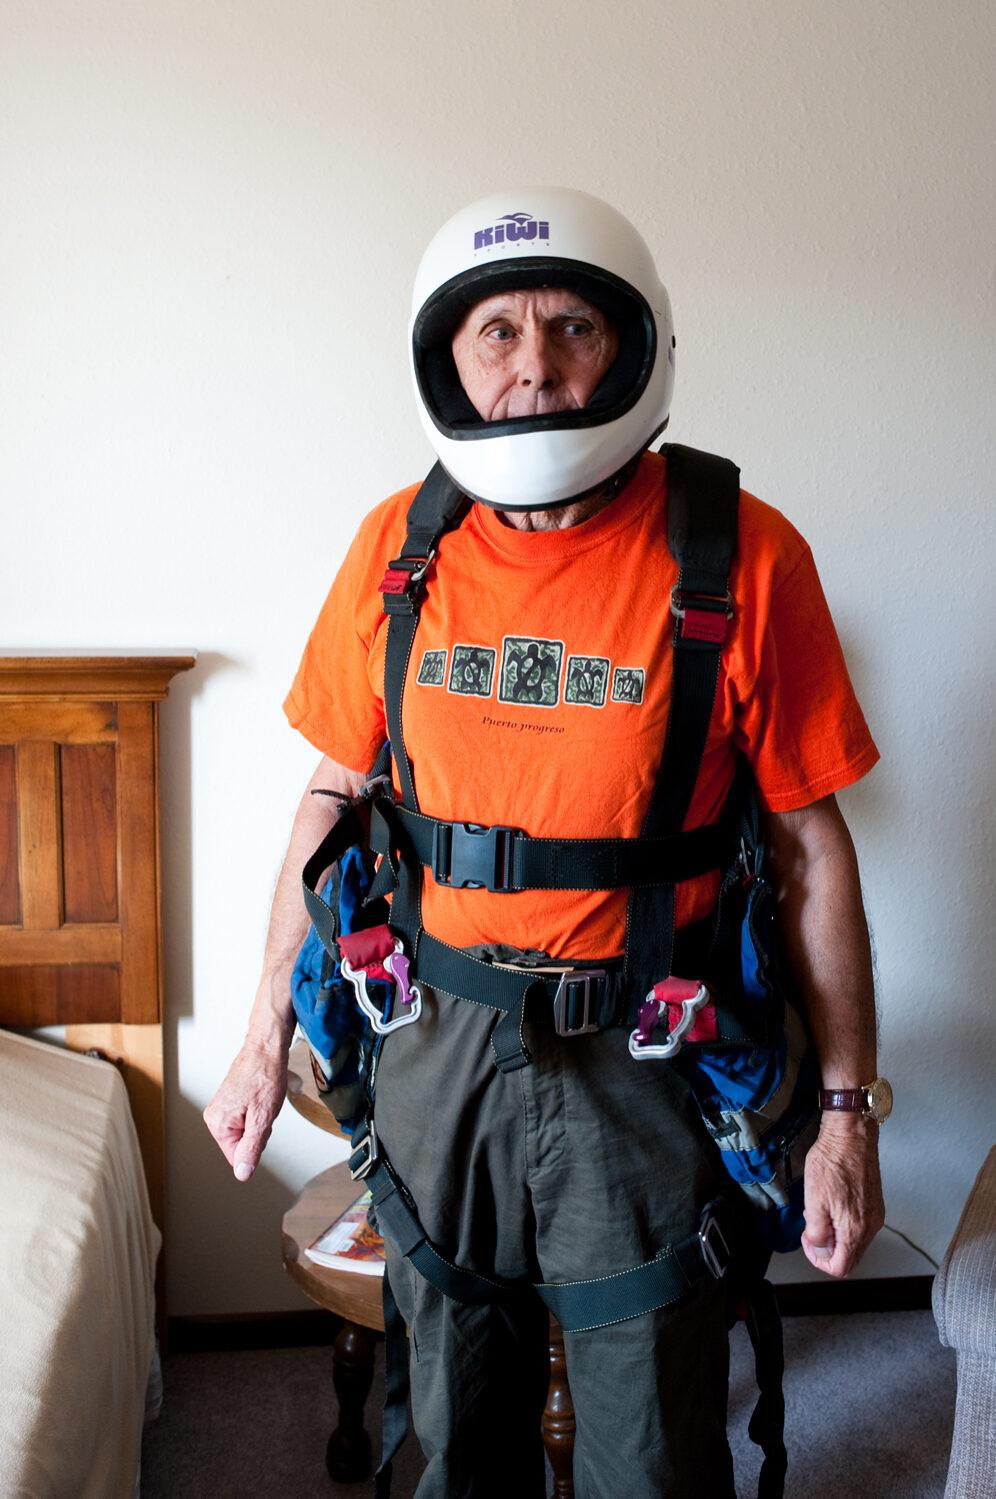 """"""" Le truc que je regrette le plus, c'est de ne pas être devenu astronaute et de n'avoir jamais été dans l'espace """" - Dennis, 76 ans.  Photo extraite de la série « If you are lucky you get old  » © Freya Najade"""